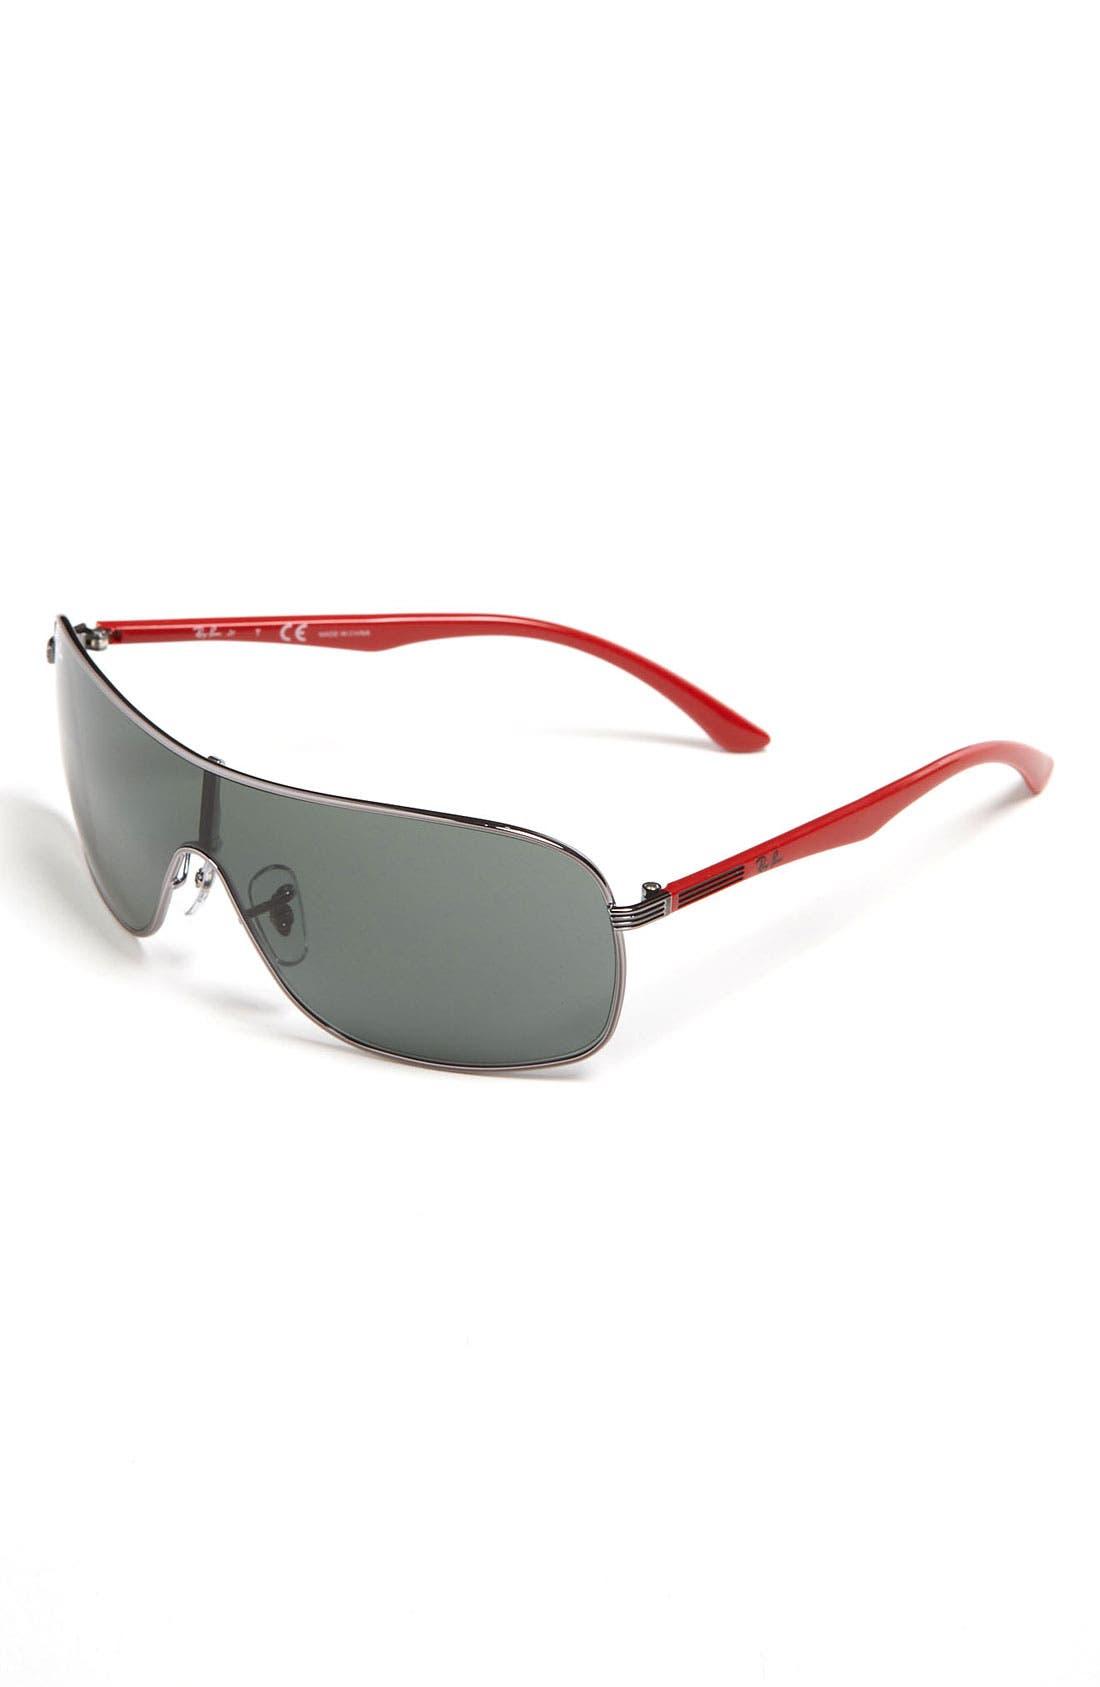 Main Image - Ray-Ban 65mm Shield Sunglasses (Big Boys)